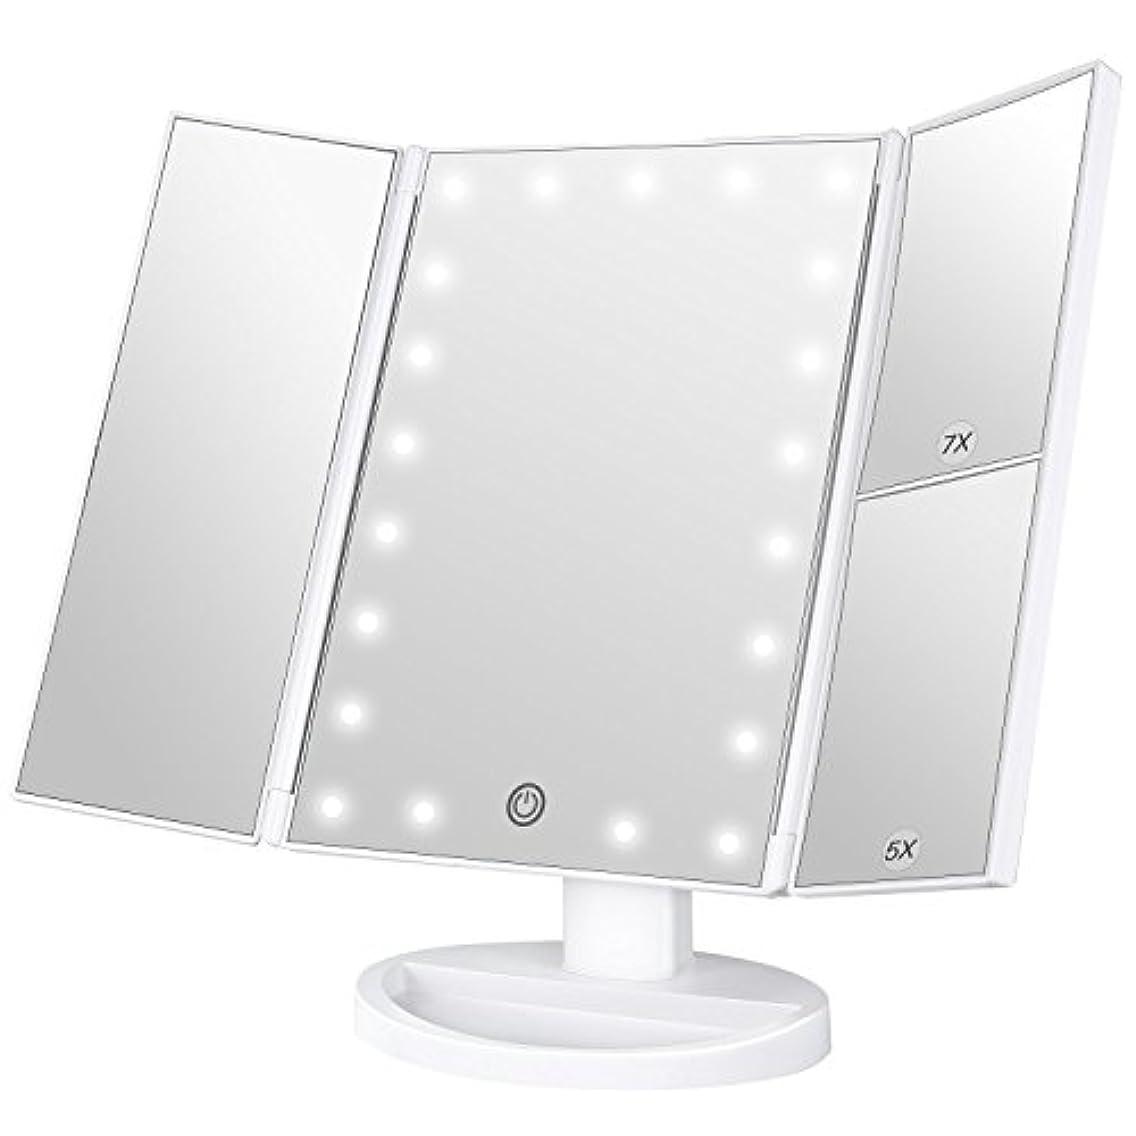 司書樹木進行中BESTOPE 化粧鏡 卓上ミラー 鏡 三面鏡 卓上 led付き 折りたたみ 拡大鏡 5倍 7倍 明るさ調節可能 180°回転 電池&USB 2WAY給電 (ホワイト)